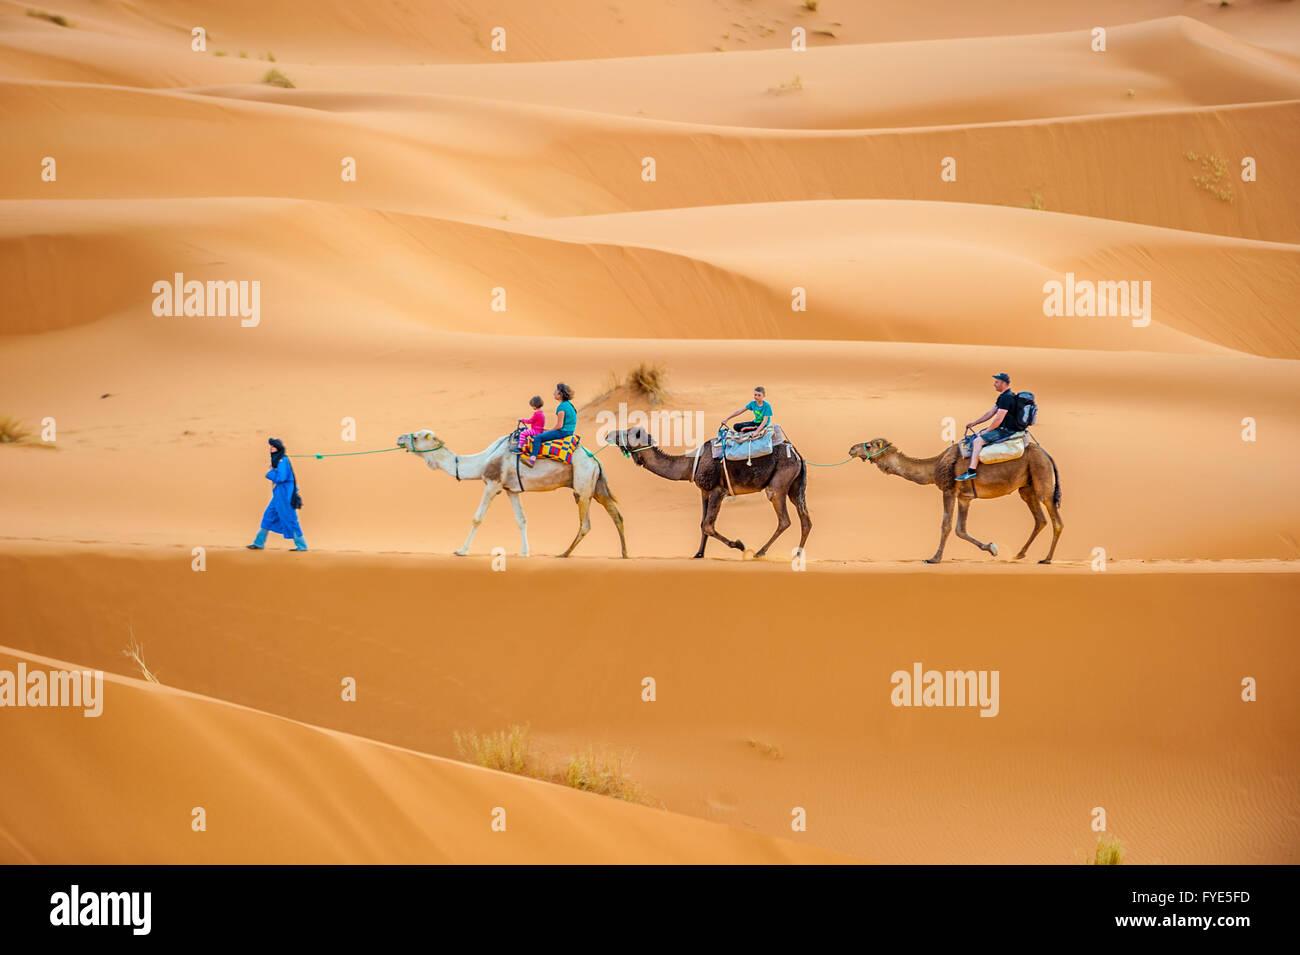 ERG CHEBBY, Marruecos - Abril 12, 2013: Los turistas montar camellos en Erg Chebbi, Marruecos Imagen De Stock